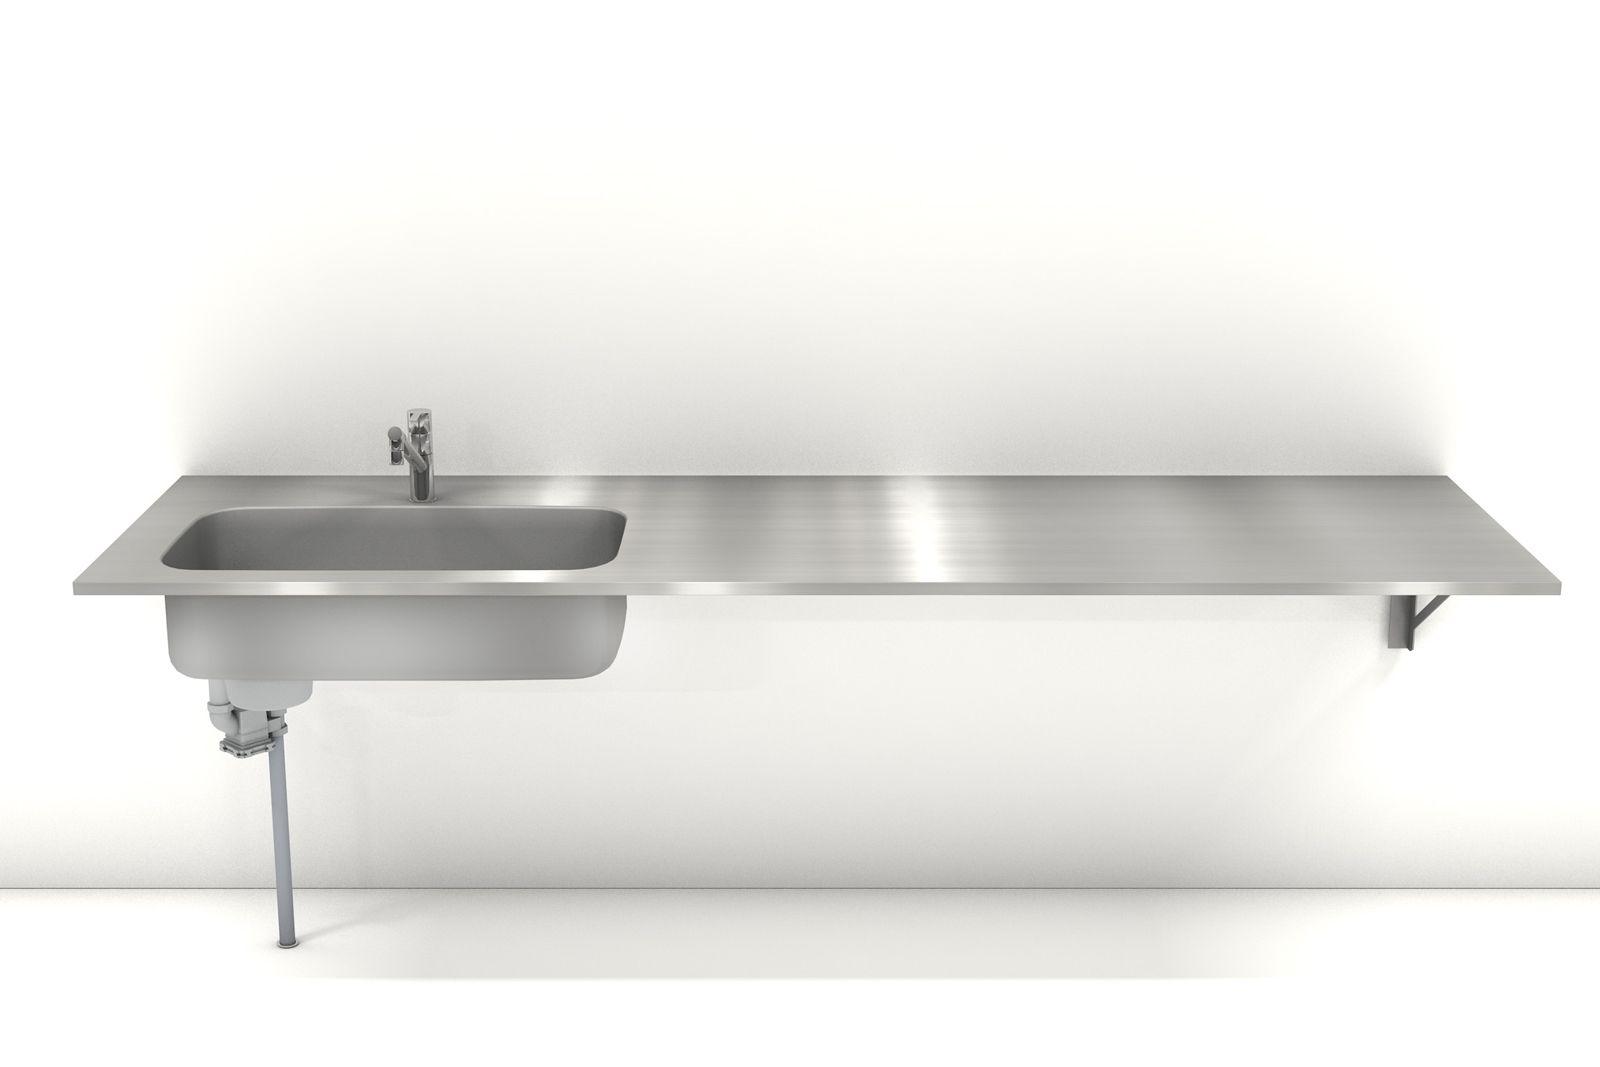 オーダーキッチン天板は サイズオーダーが可能なステンレス製の